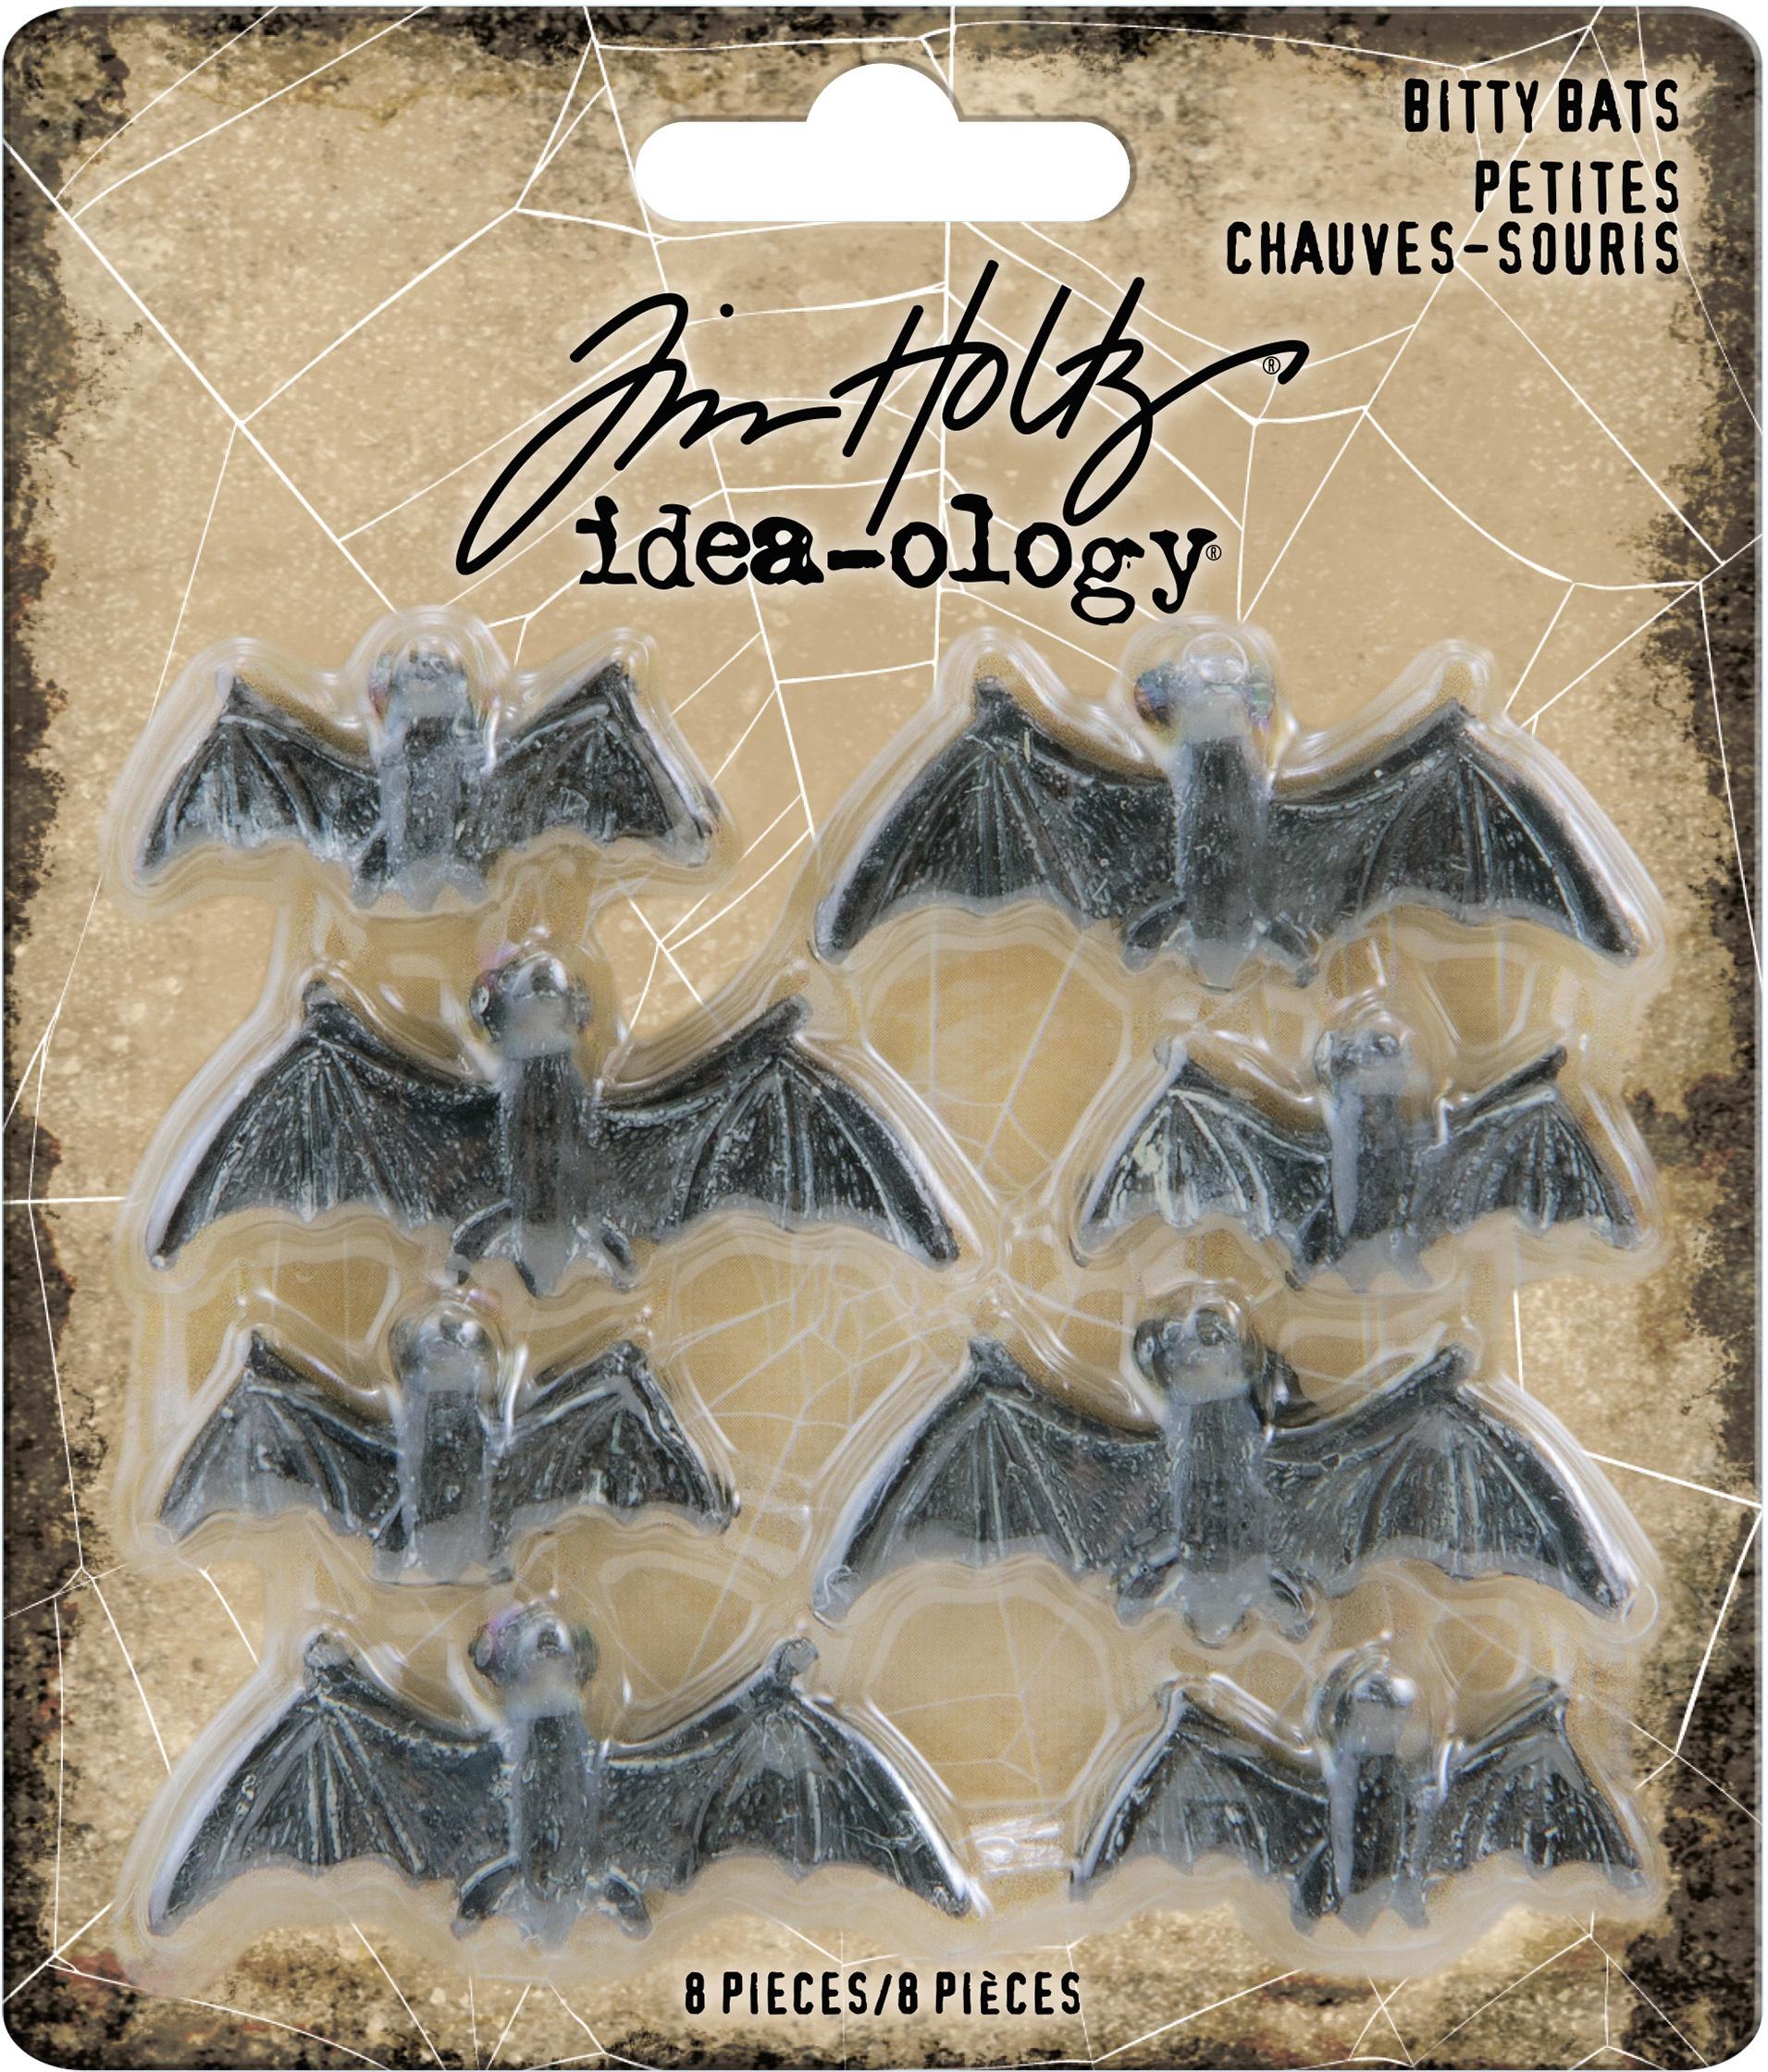 Idea-Ology Bity Bats 8/Pkg-